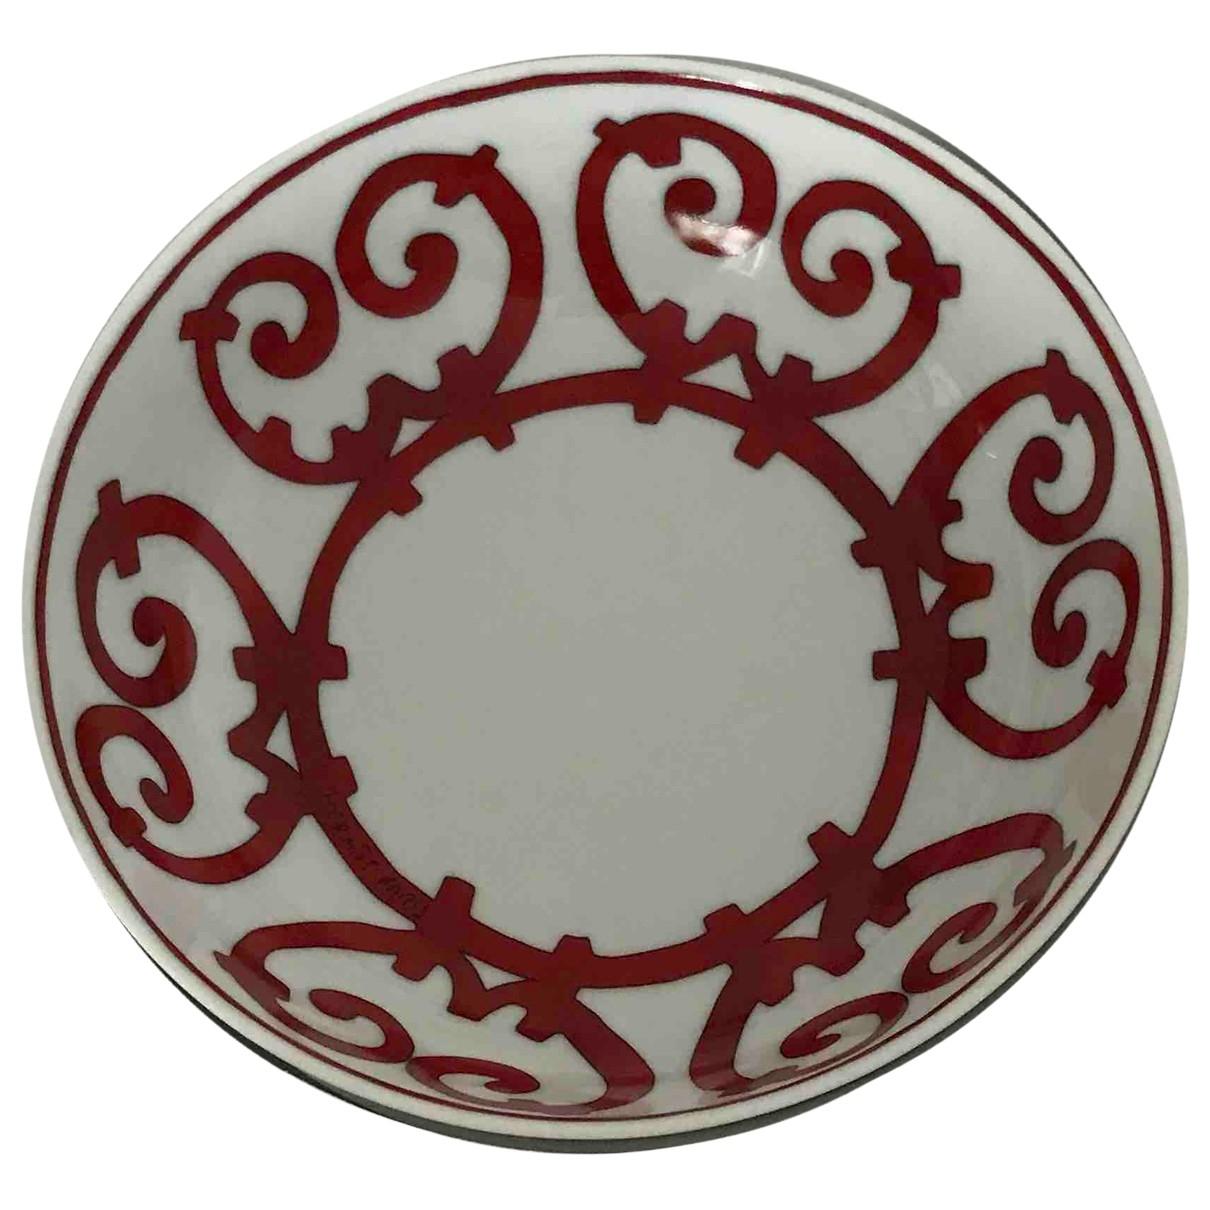 Hermes - Arts de la table Balcon du Guadalquivir pour lifestyle en porcelaine - rouge